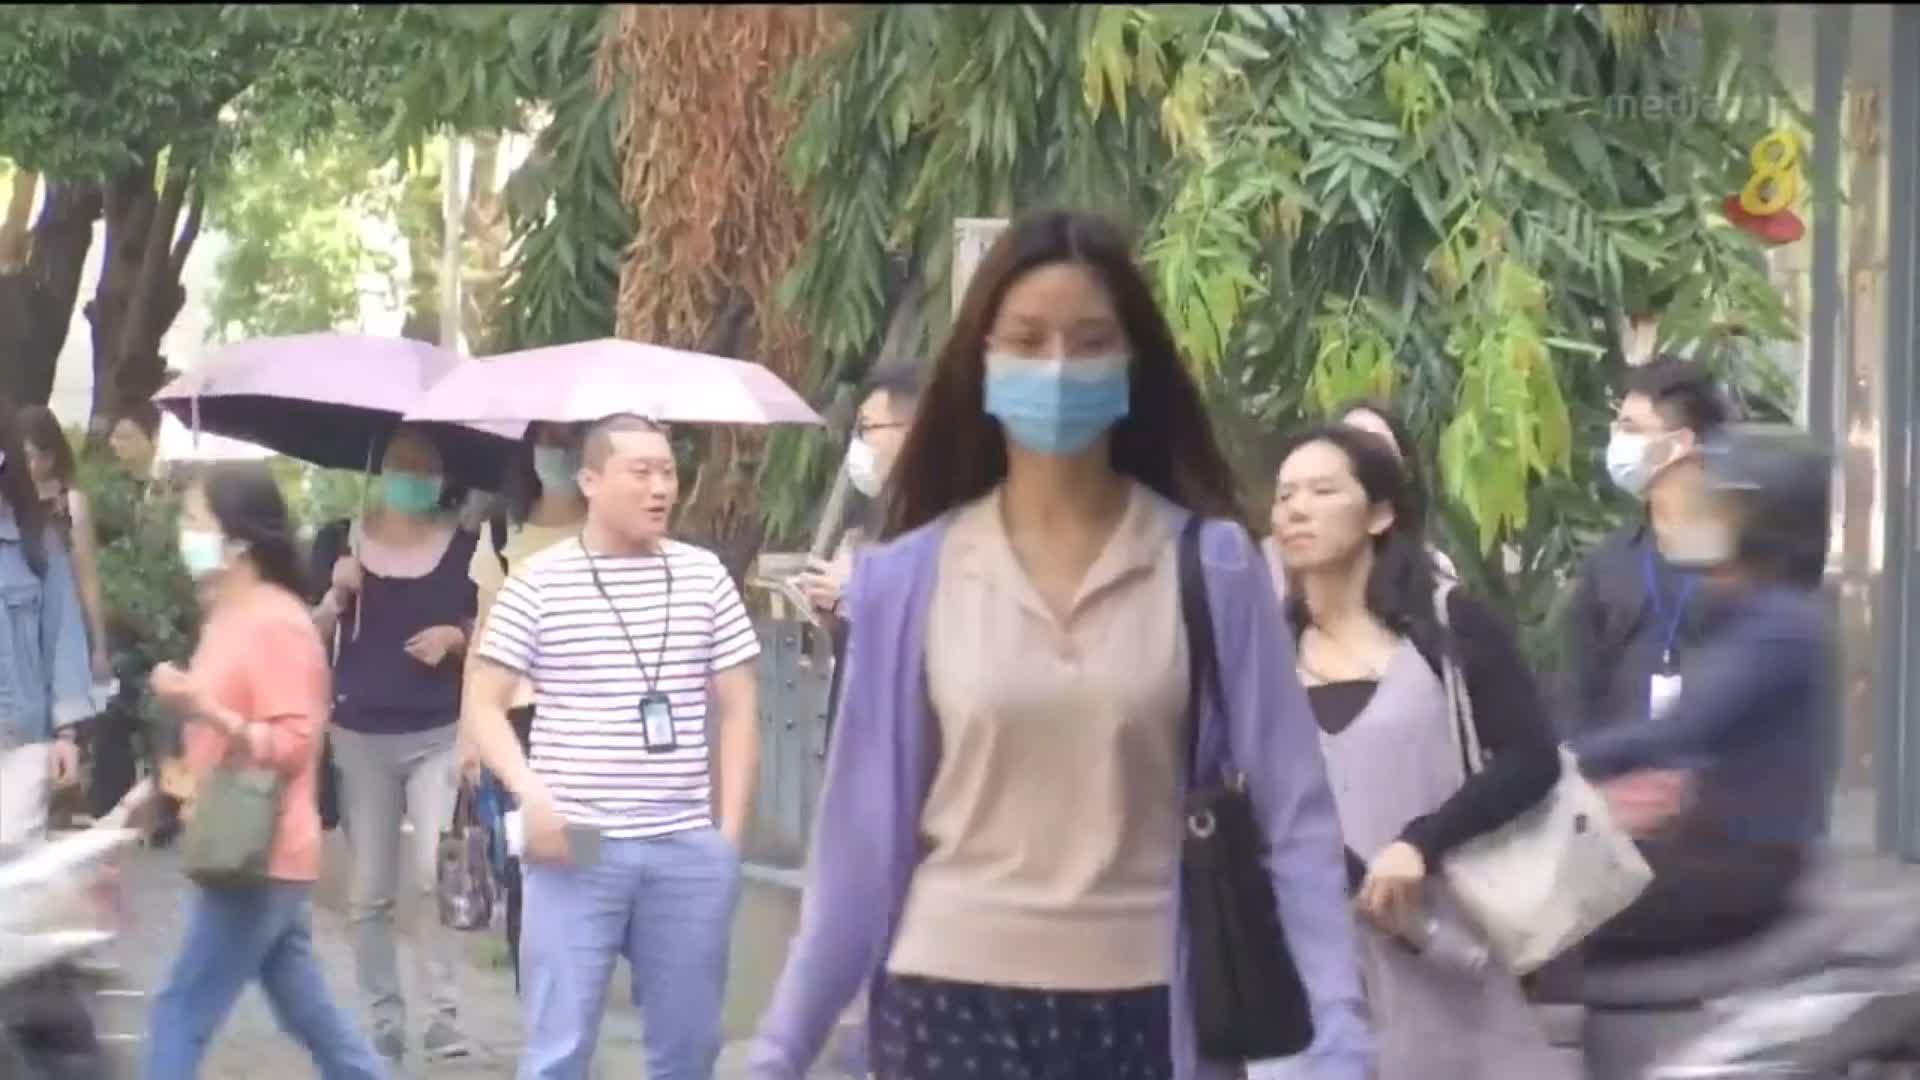 【冠状病毒19】病例增加 台湾澳洲加强防疫措施